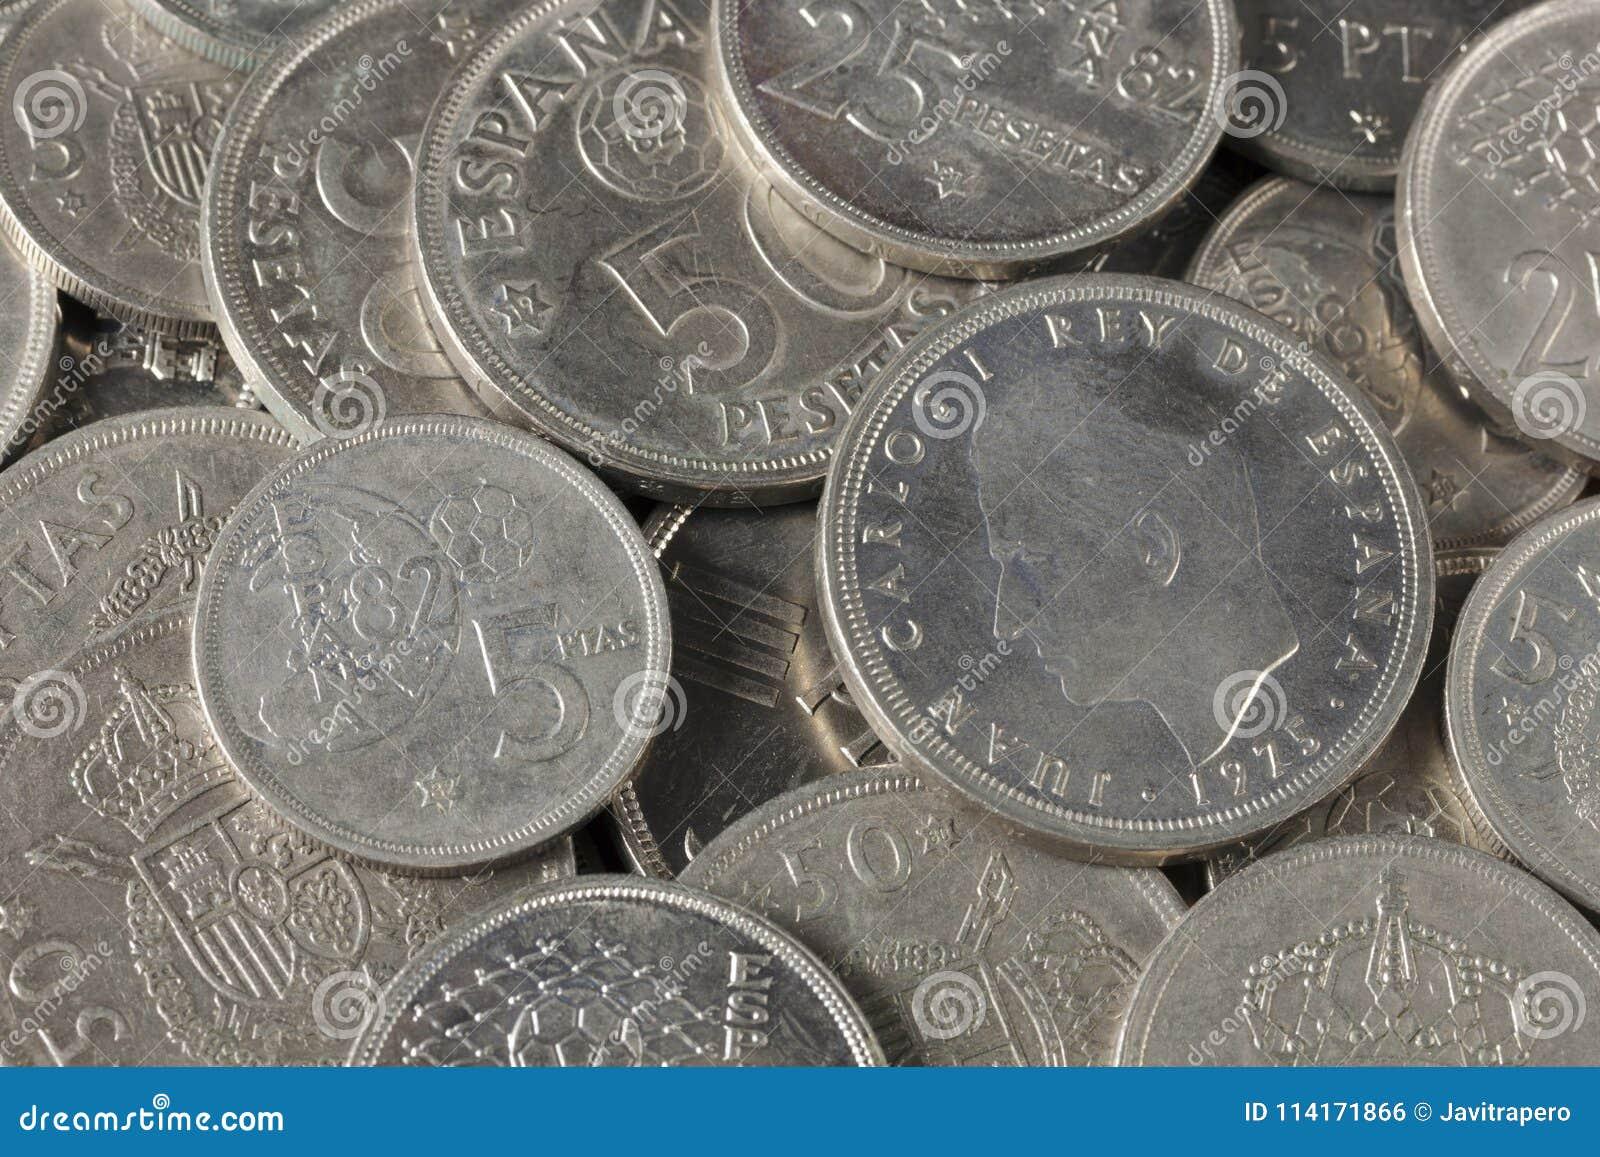 Bündel Pesetamünzen von Spanien